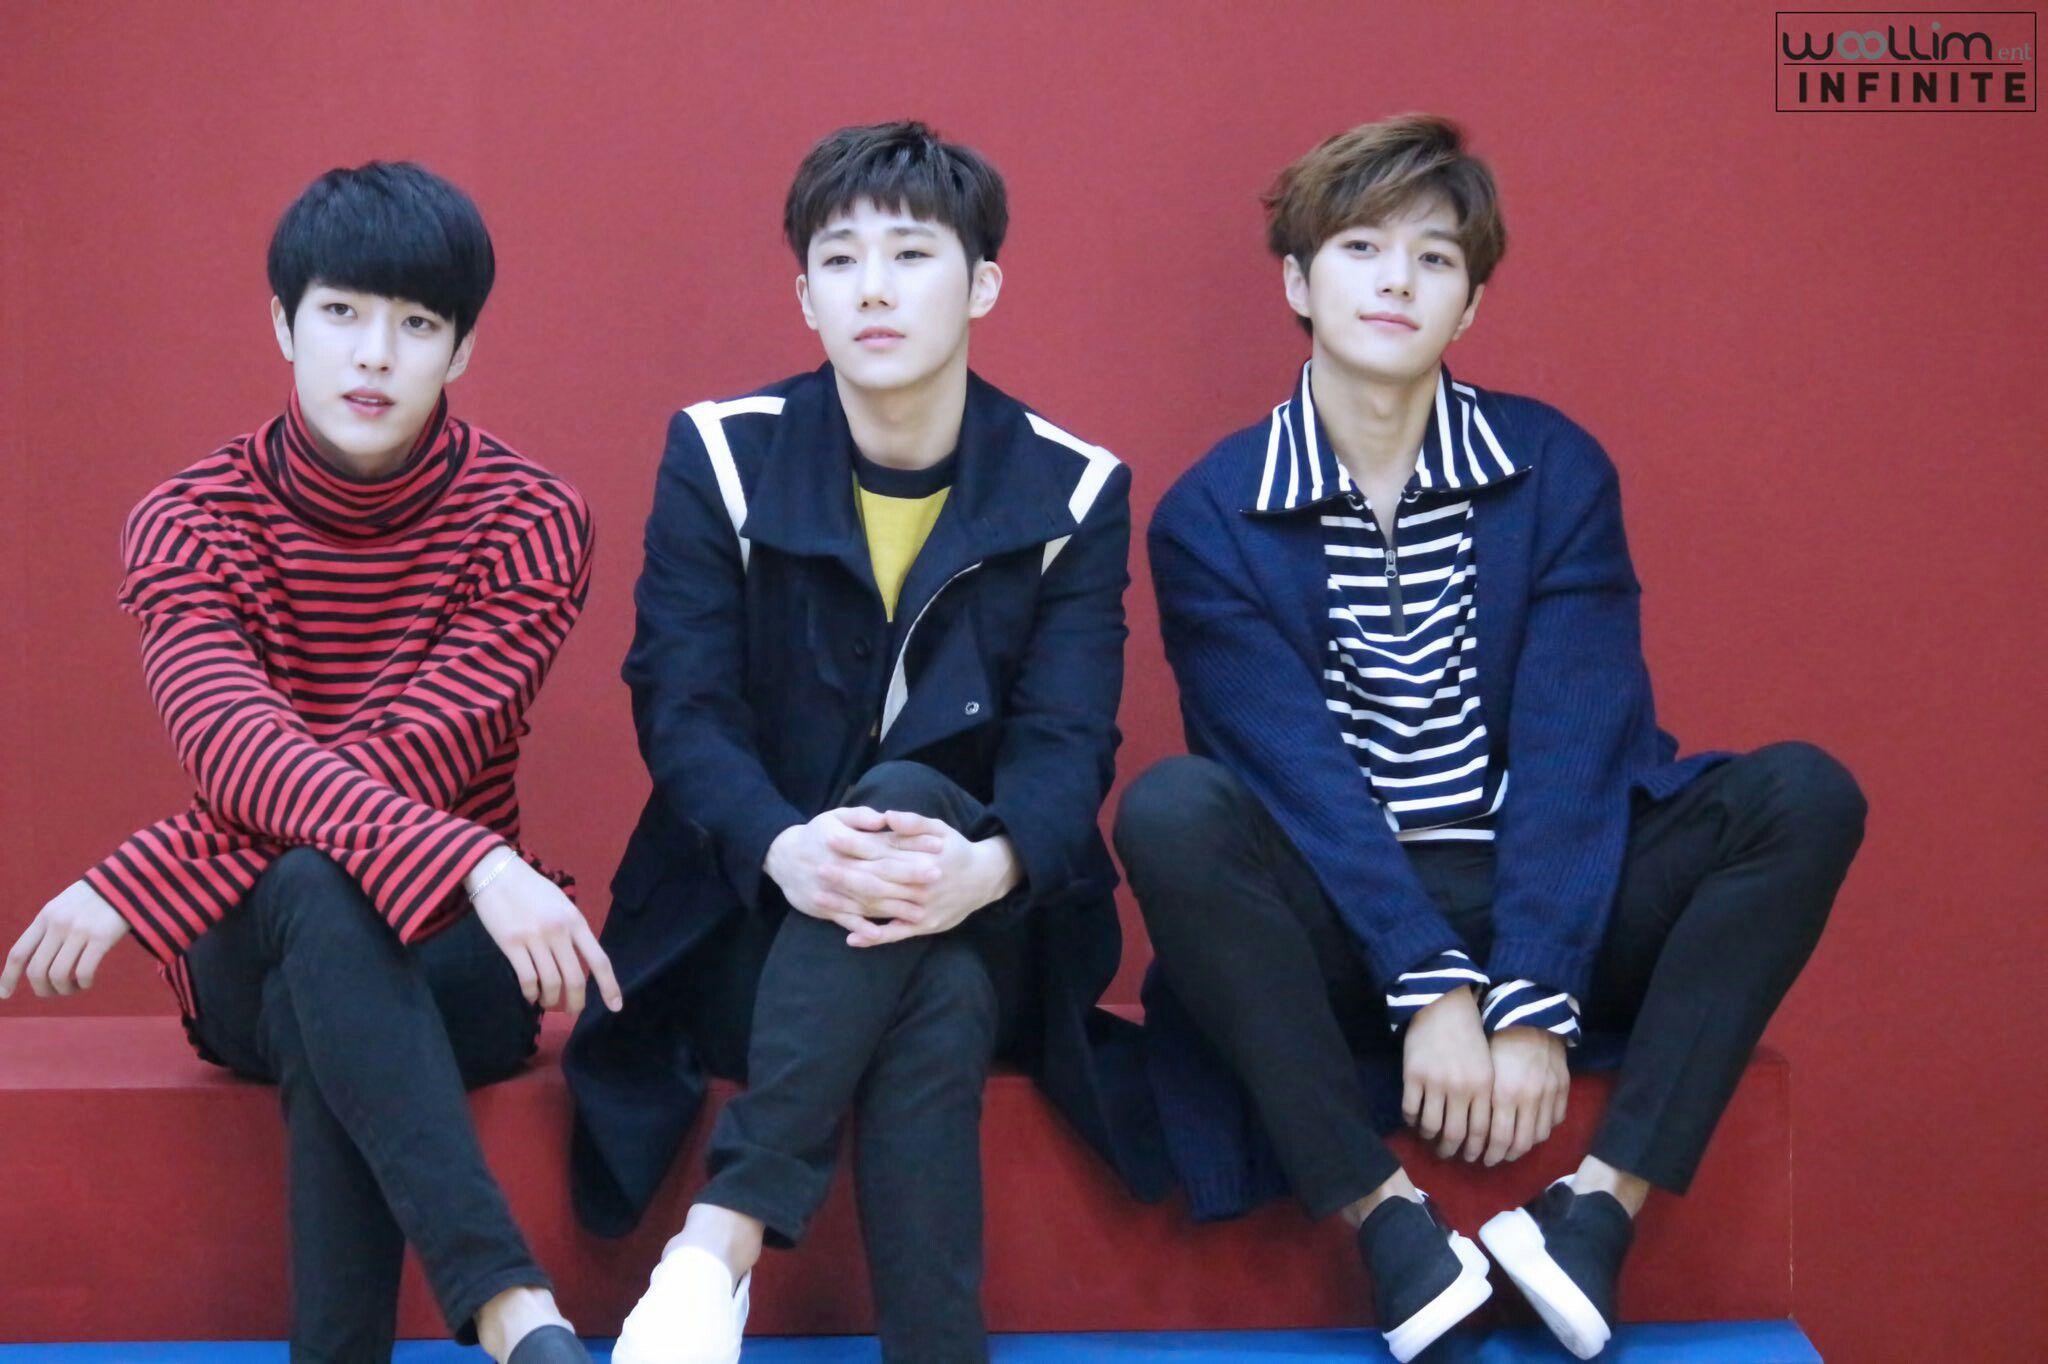 20170106 Woollim Post Naver Update: INFINITE 2017 Season Greetings Filming 2 - #Sungyeol, #Sungkyu #Myungsoo